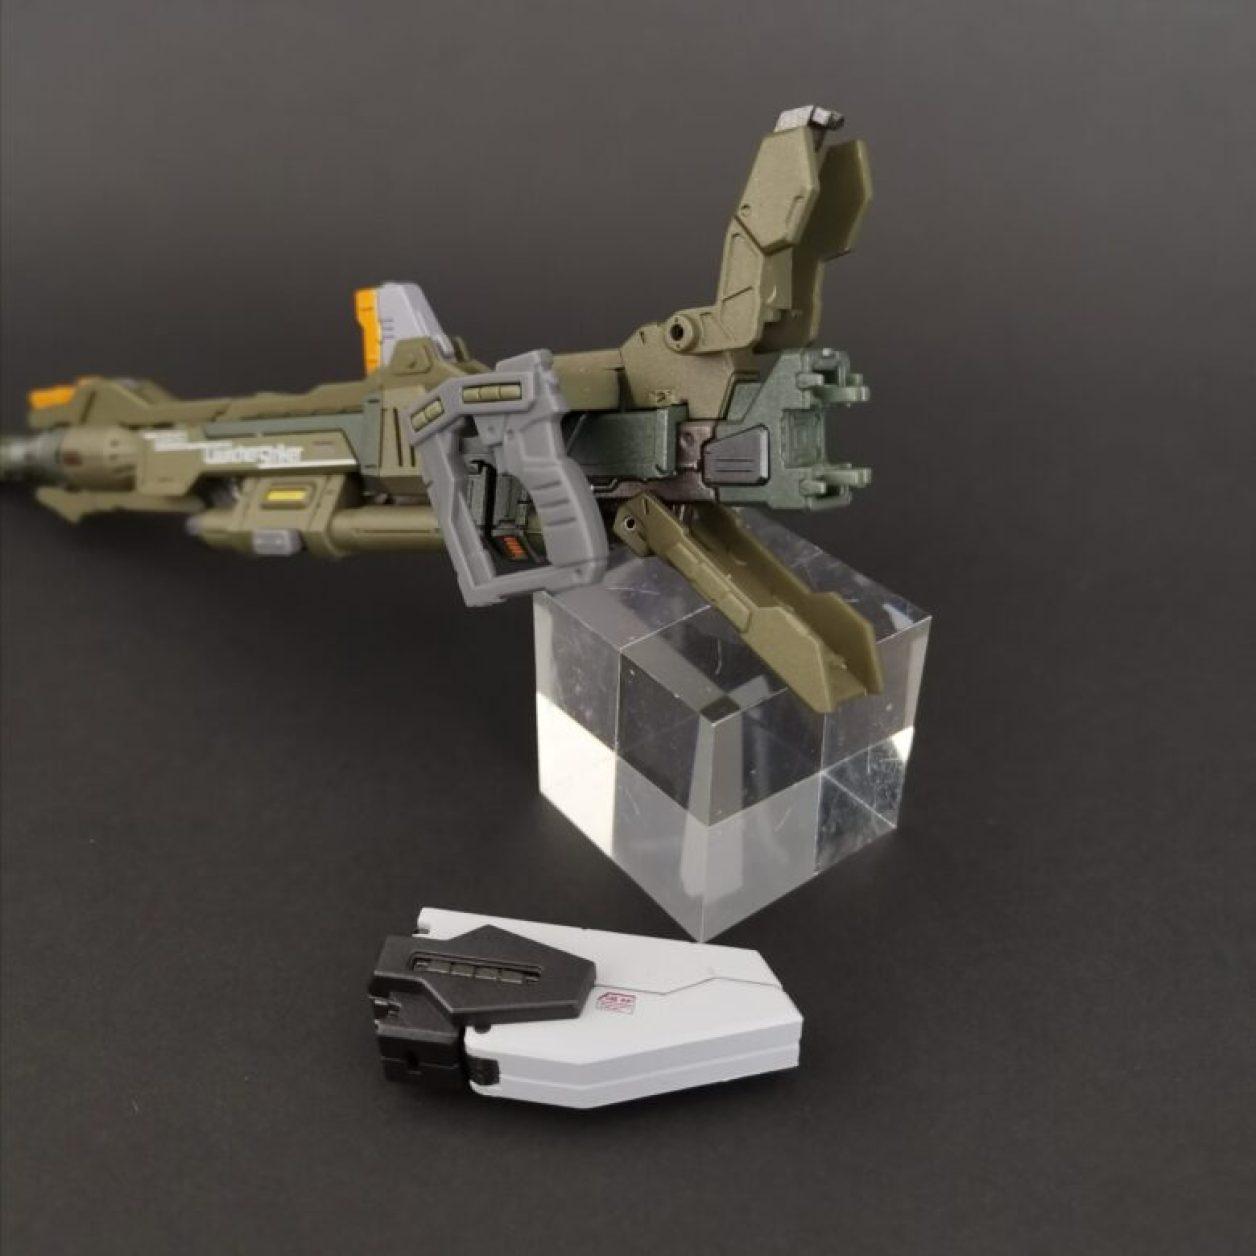 METALBUILD (メタルビルド)のランチャーストライカー付属品の320mm超高インパルス砲(アグニ)のバッテリーパックの脱着ギミックの画像